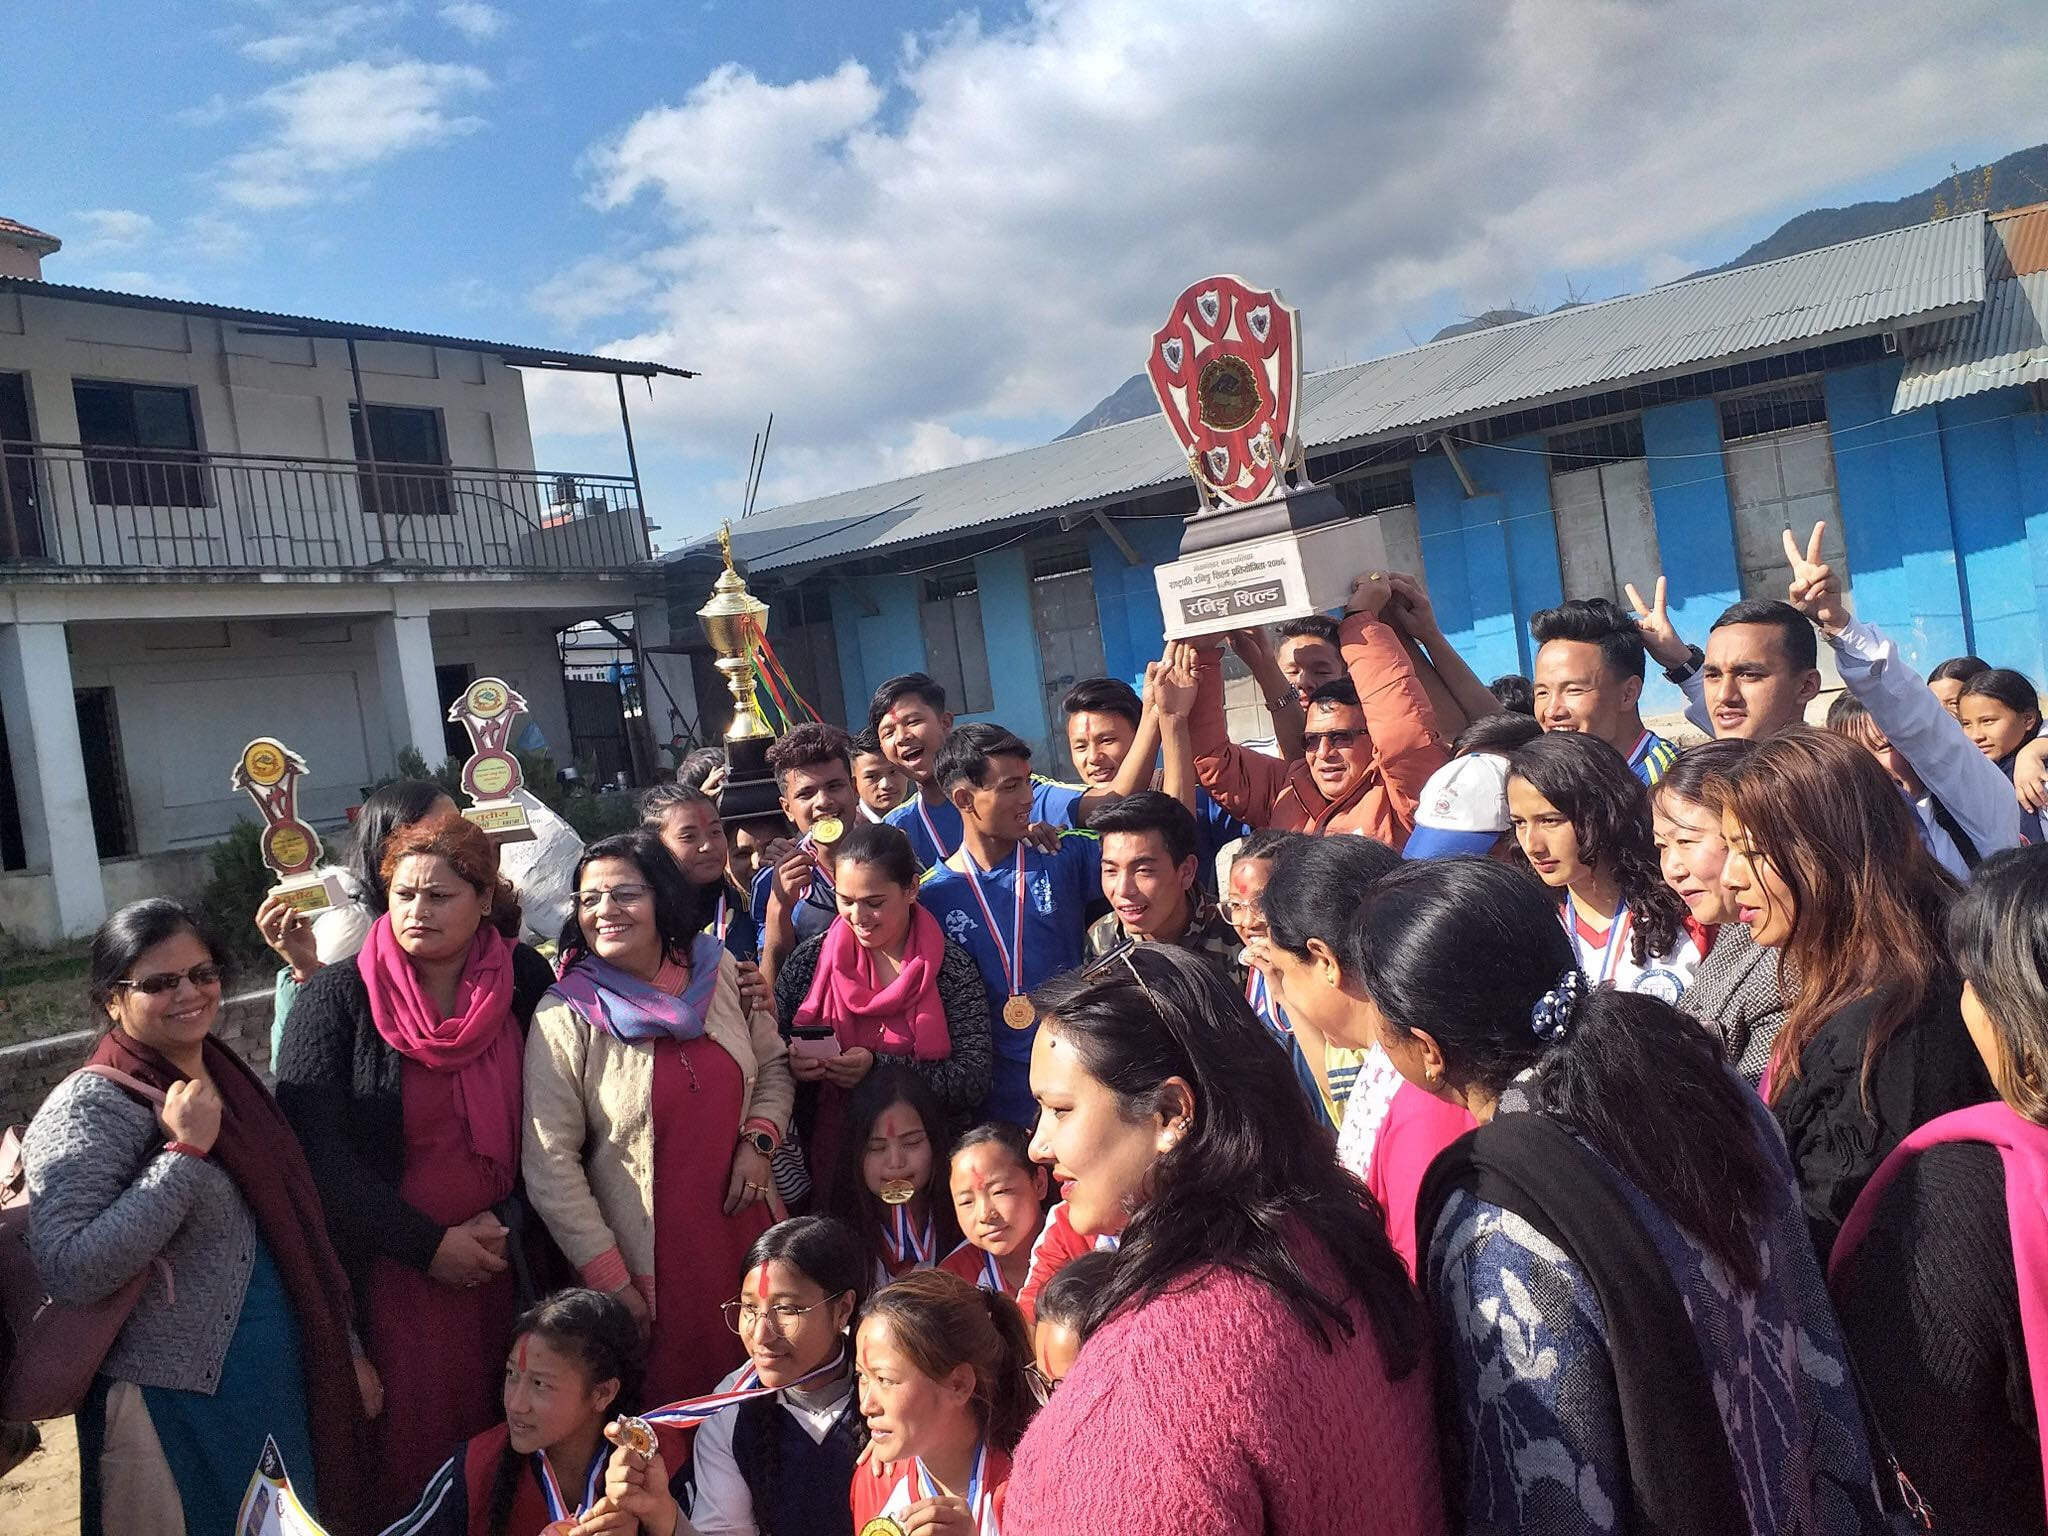 नगर स्तरीय राष्ट्रपति रनिङ शिल्ड प्रतियोगिताको उपाधि चामुण्डा माविलाई